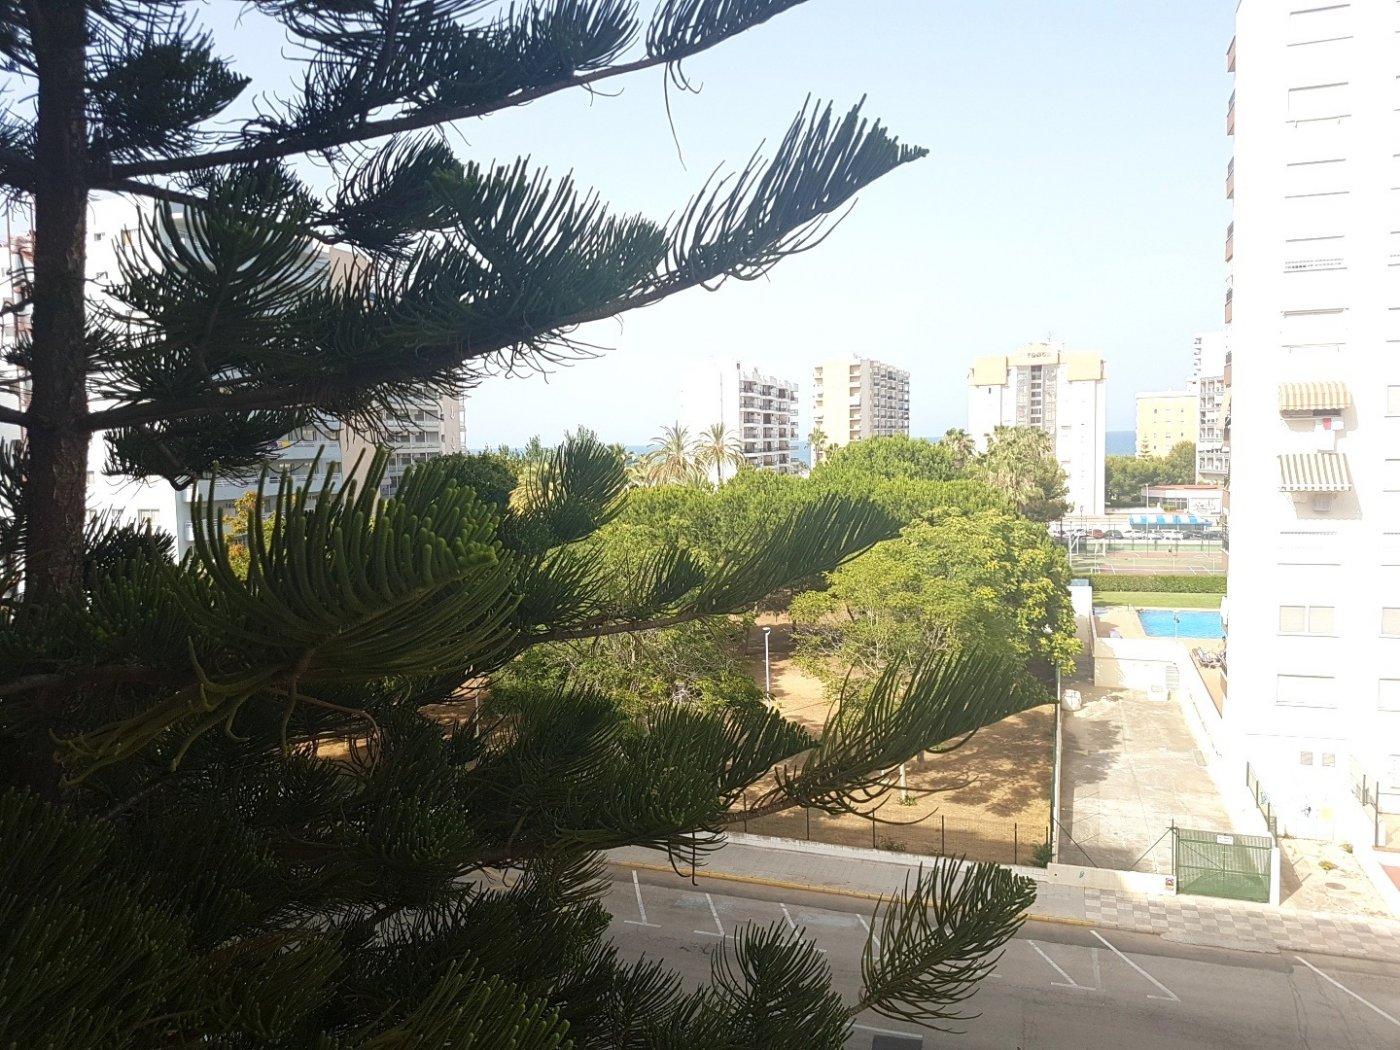 Apartamento en residencial tranquilo con parques, jardines, piscina comunitaria. - imagenInmueble25